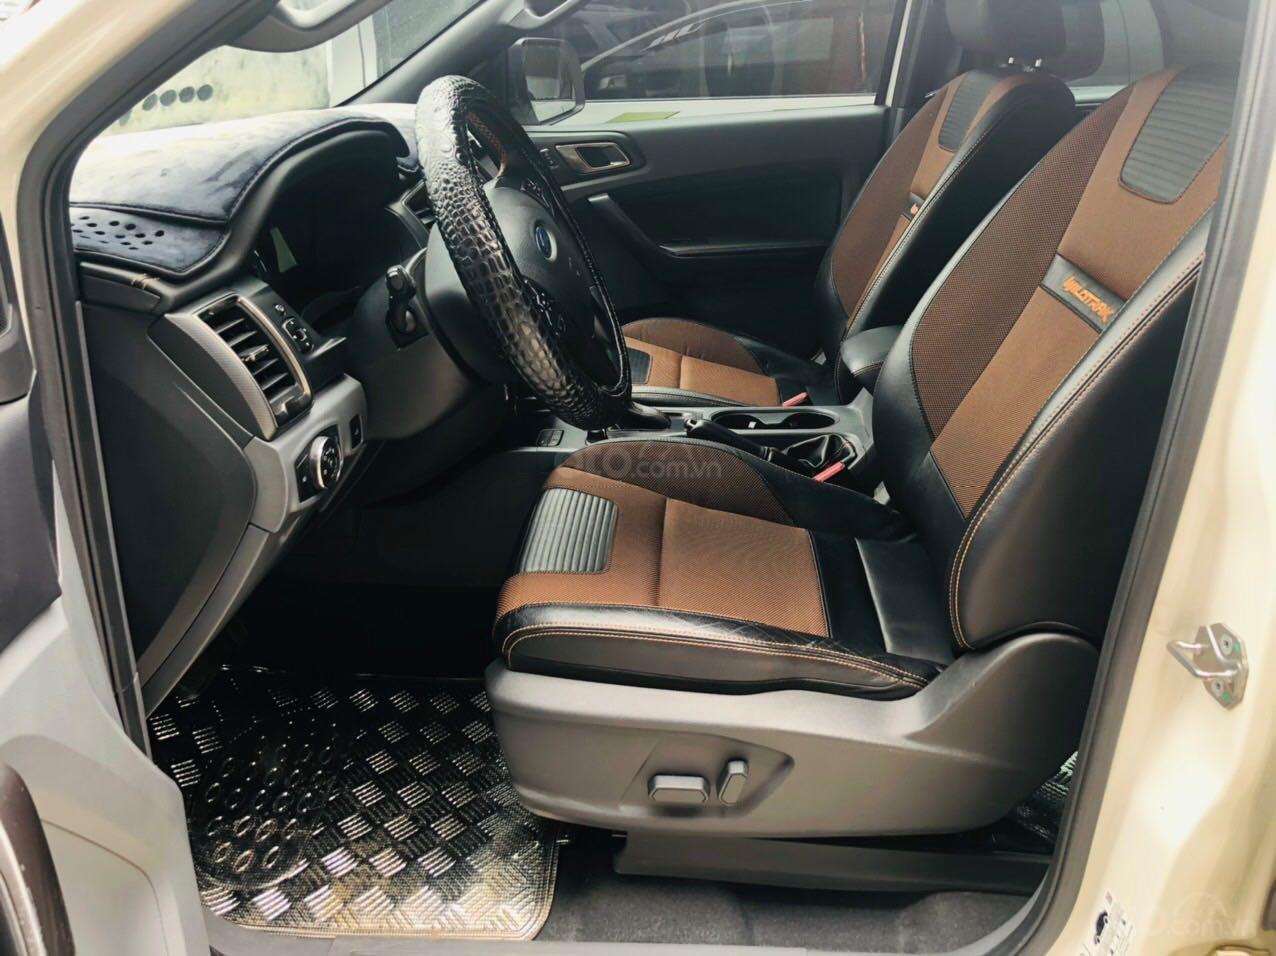 Cần bán Ford Ranger đăng ký lần đầu 2017, màu trắng còn mới giá tốt 775 triệu đồng. (4)